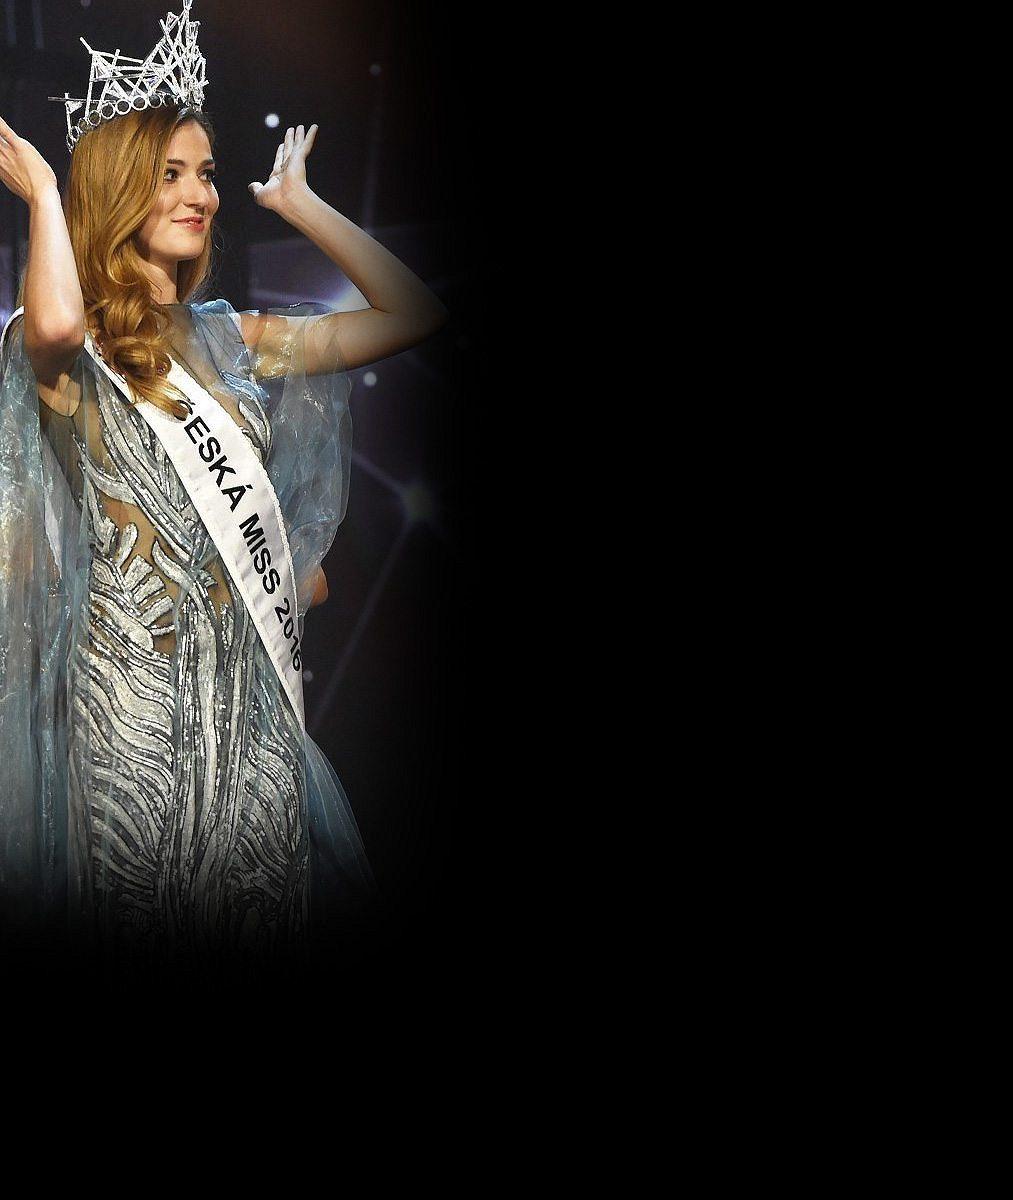 Česká Miss Andrea Bezděková má jasno: Bývalého přítele chce zpět